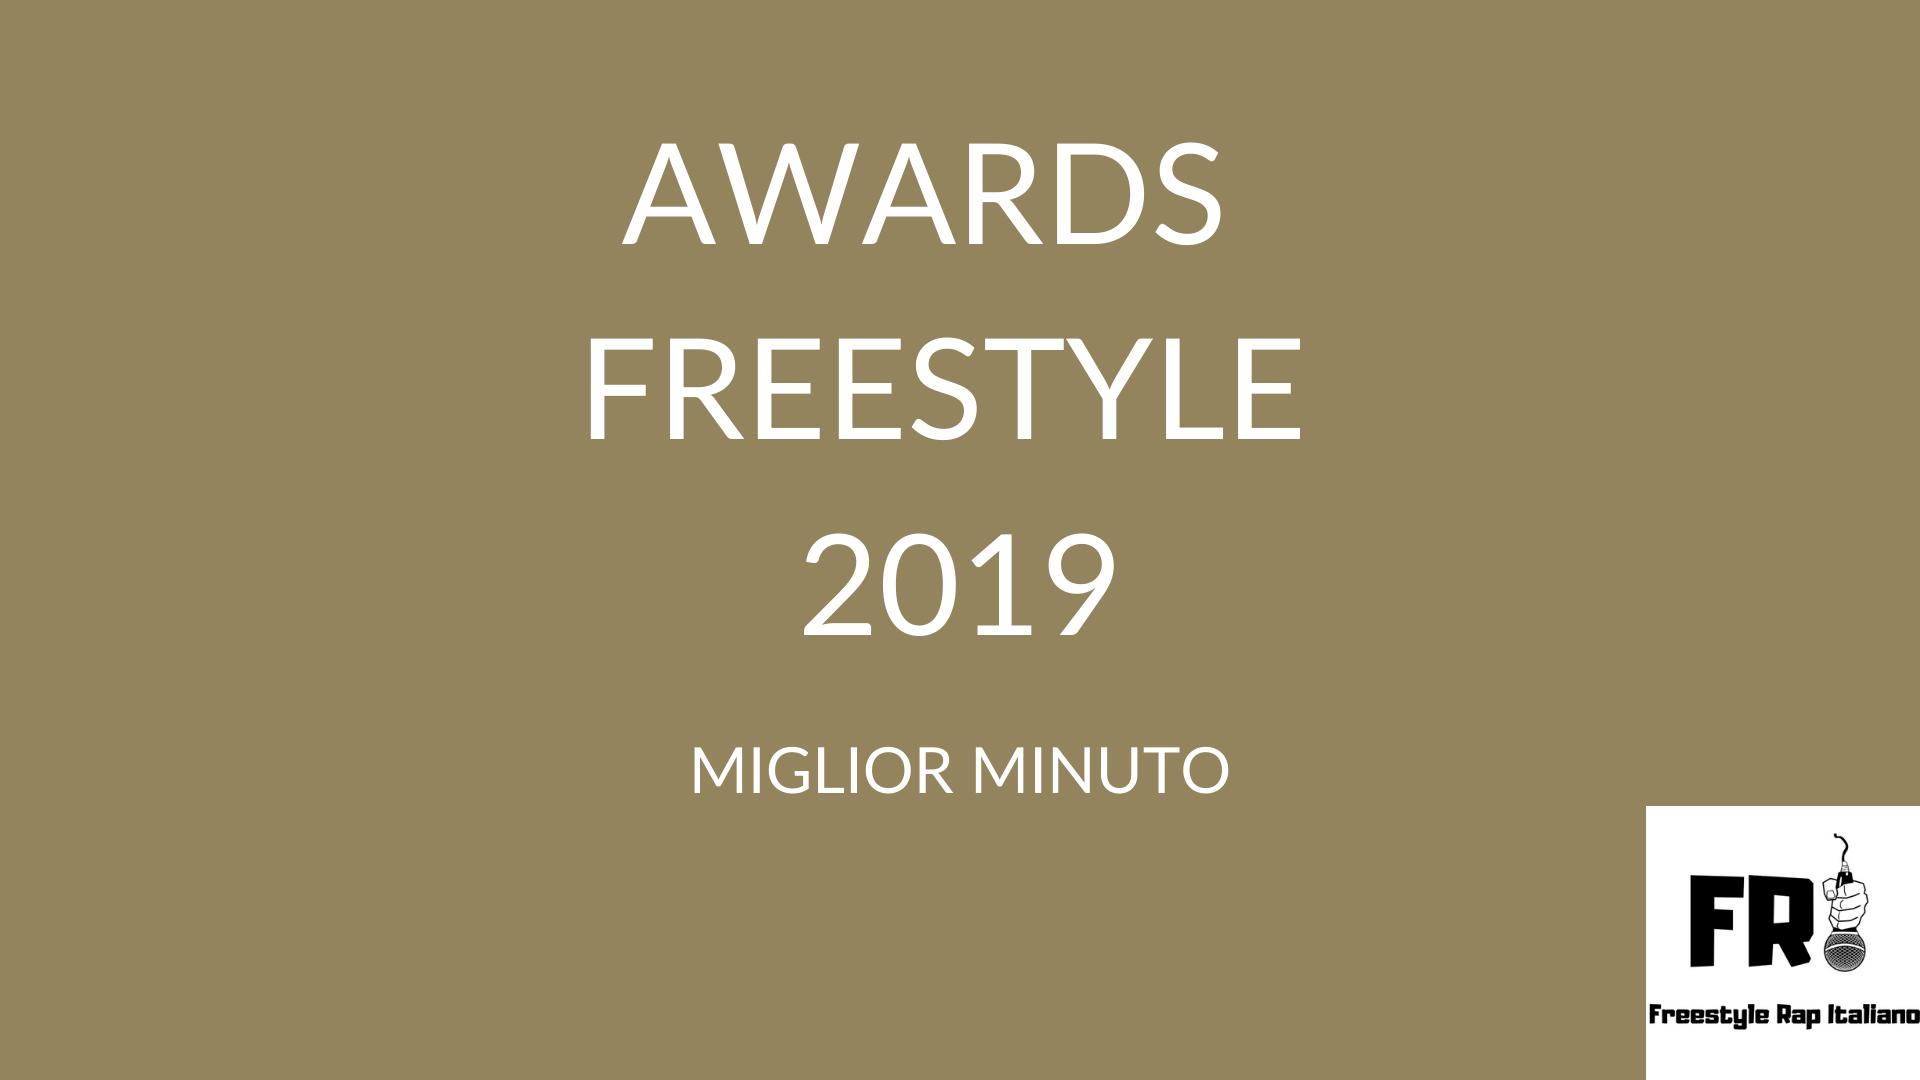 Awards del freestyle 2019: I migliori minuti